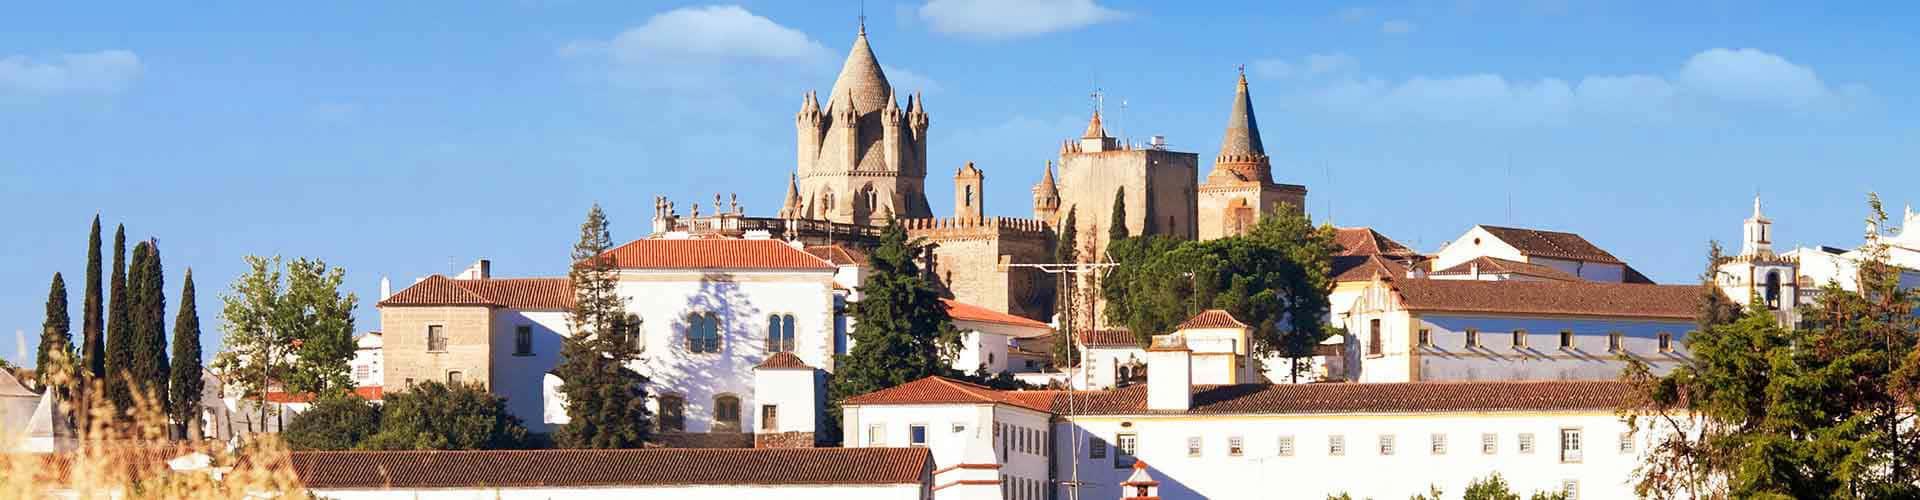 Free Tour Évora - Turismo en Portugal